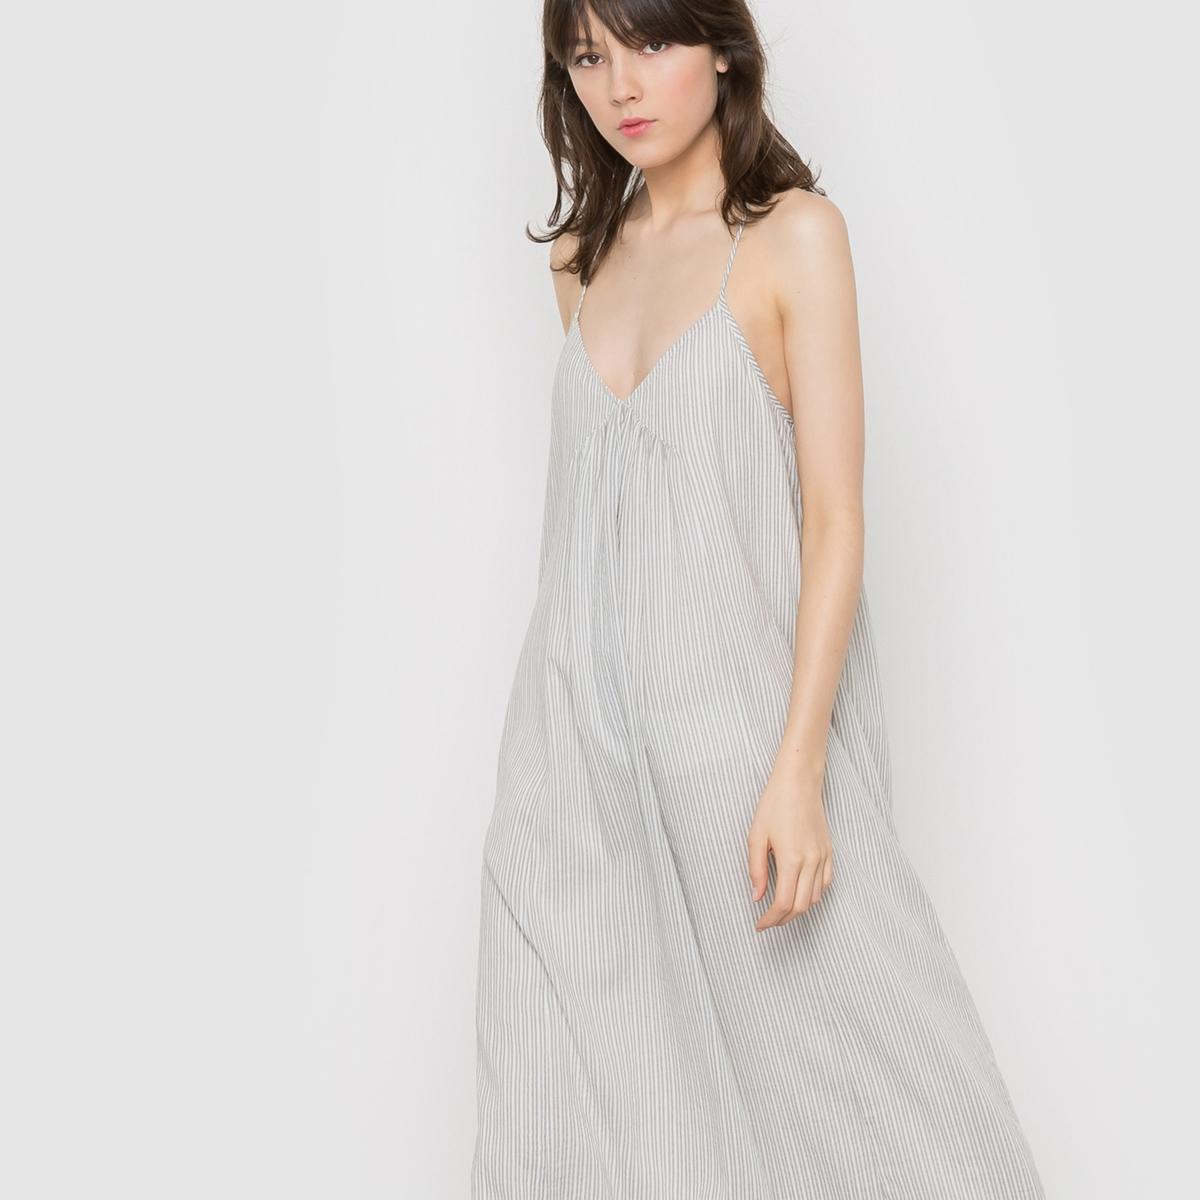 Платье длинное из хлопкаДлинное платье на тонких бретелях, открытая спина . Эластичная спинка. Складки под грудью. Длина ок.115 см.                   Состав и описание           Материал 100%  хлопка          Подкладка  100% хлопка           Marque R  ESSENTIELS          Уход          стирать при 30°C.<br><br>Цвет: в полоску<br>Размер: 48 (FR) - 54 (RUS).44 (FR) - 50 (RUS)